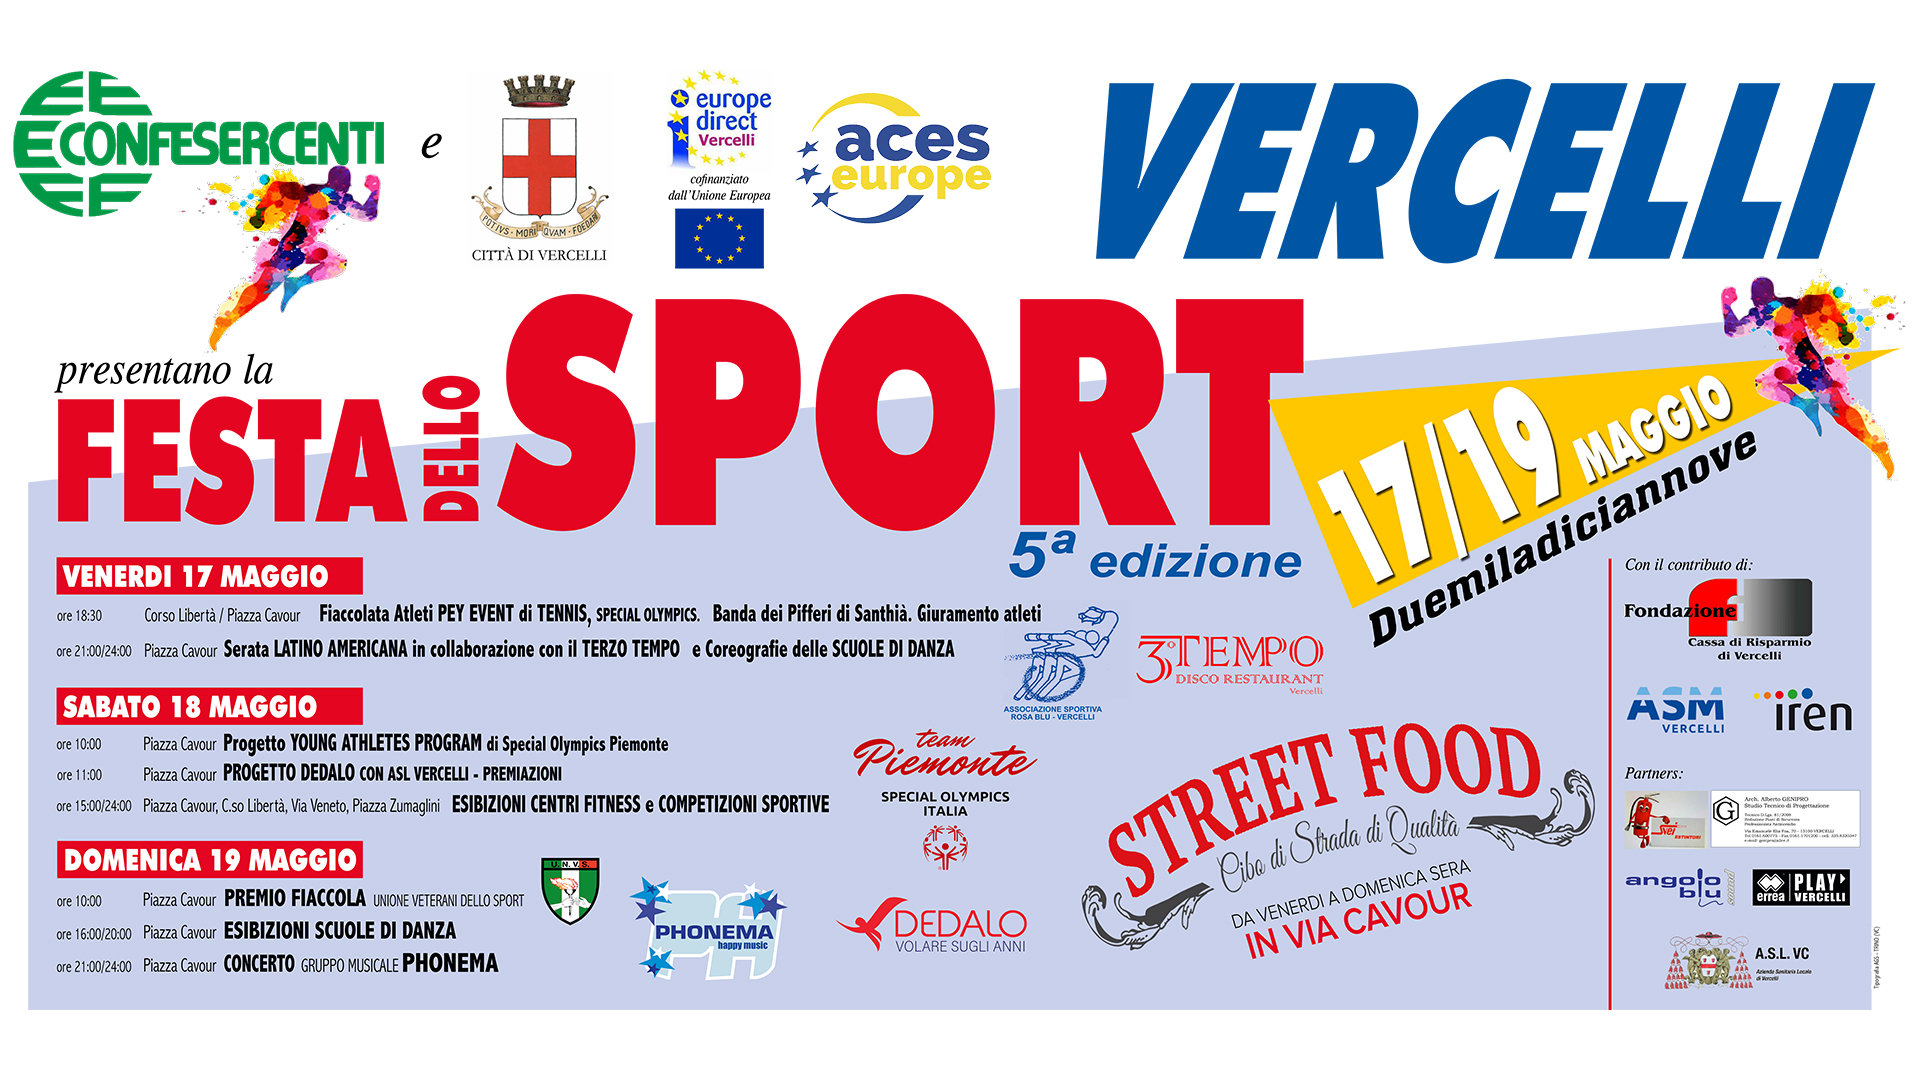 Vercelli, Festa dello Sport, dal 17 al 19 maggio 2019